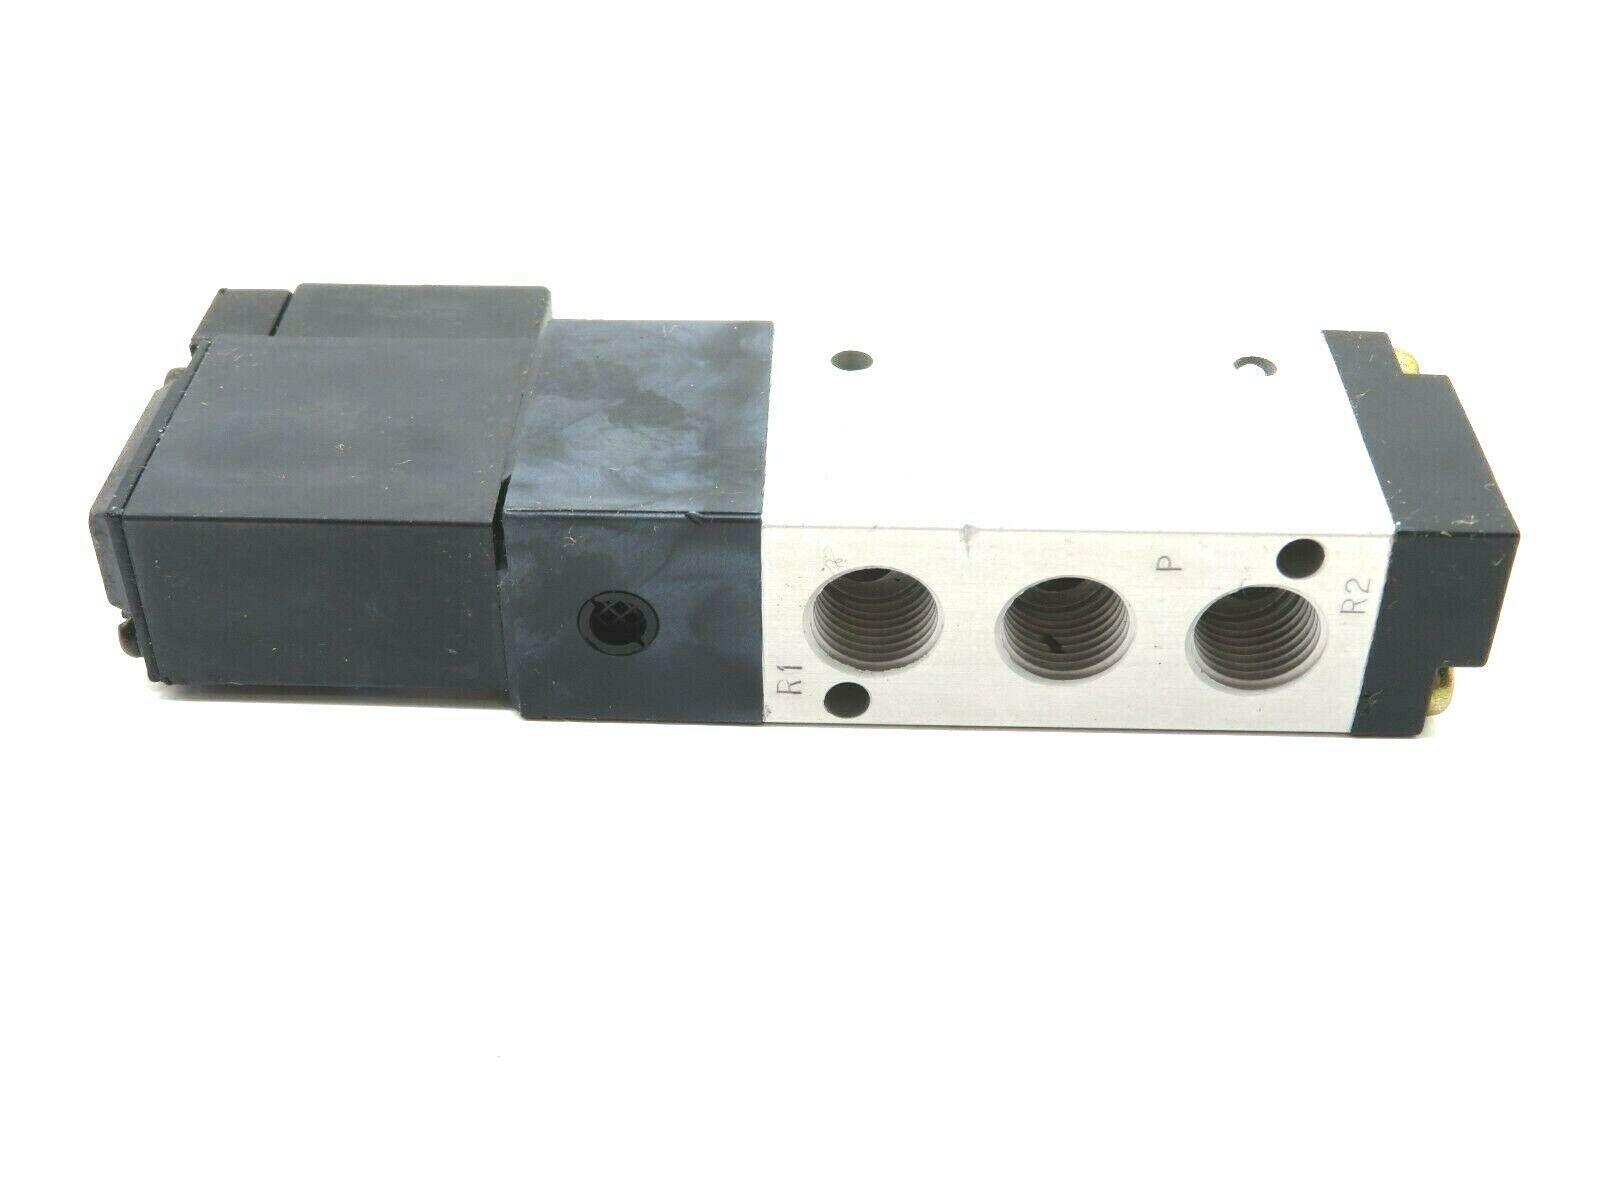 1804E1PLL Válvula de solenoide Nuevo Koganei DC24V 180-4E1-PLL